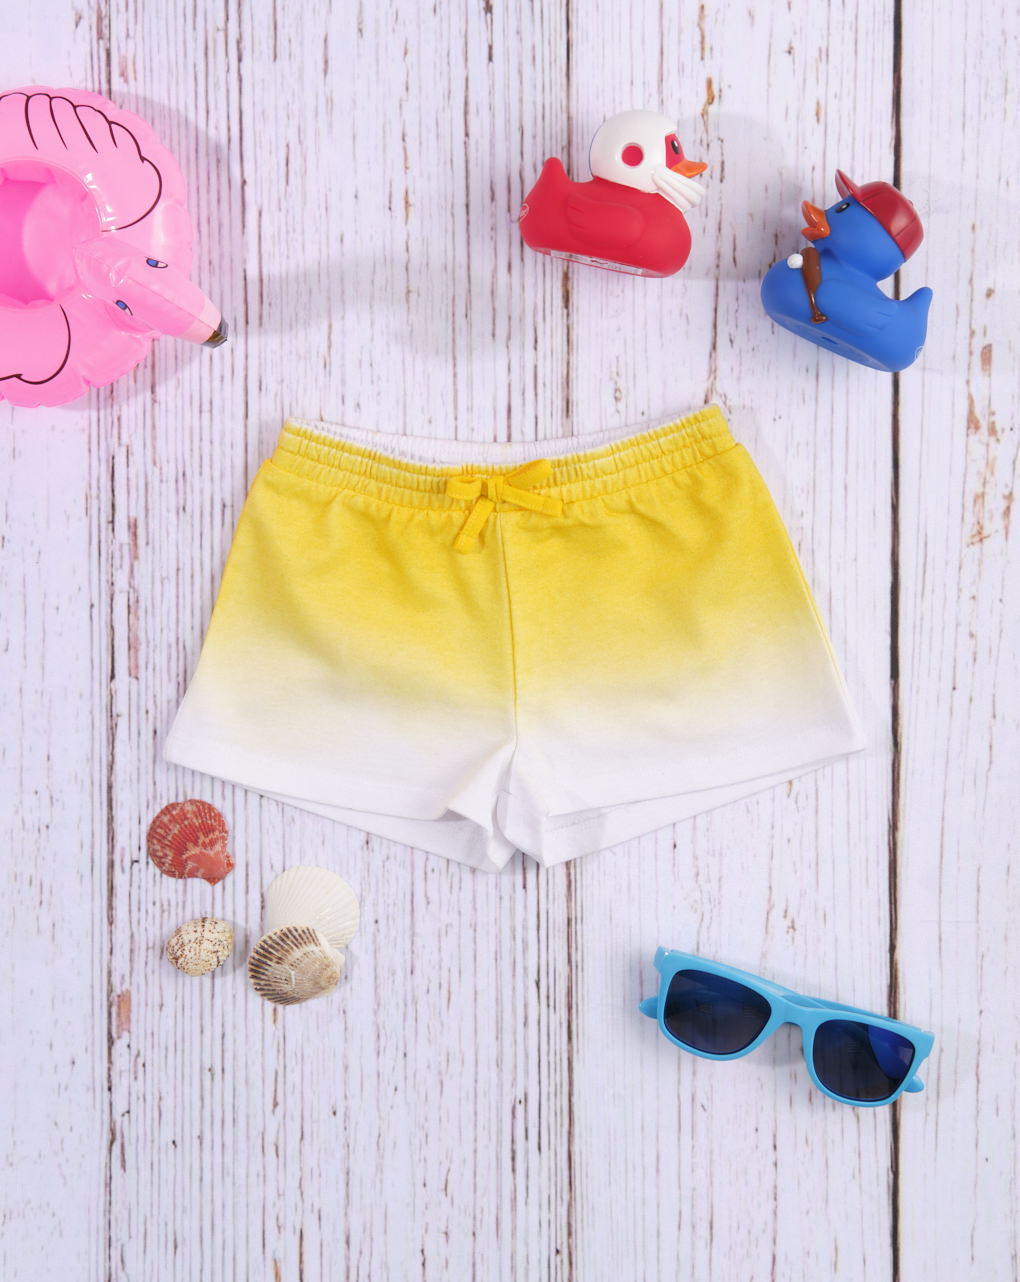 Σορτσάκι Jersey Κίτρινο Σκιασμένο για Κορίτσι